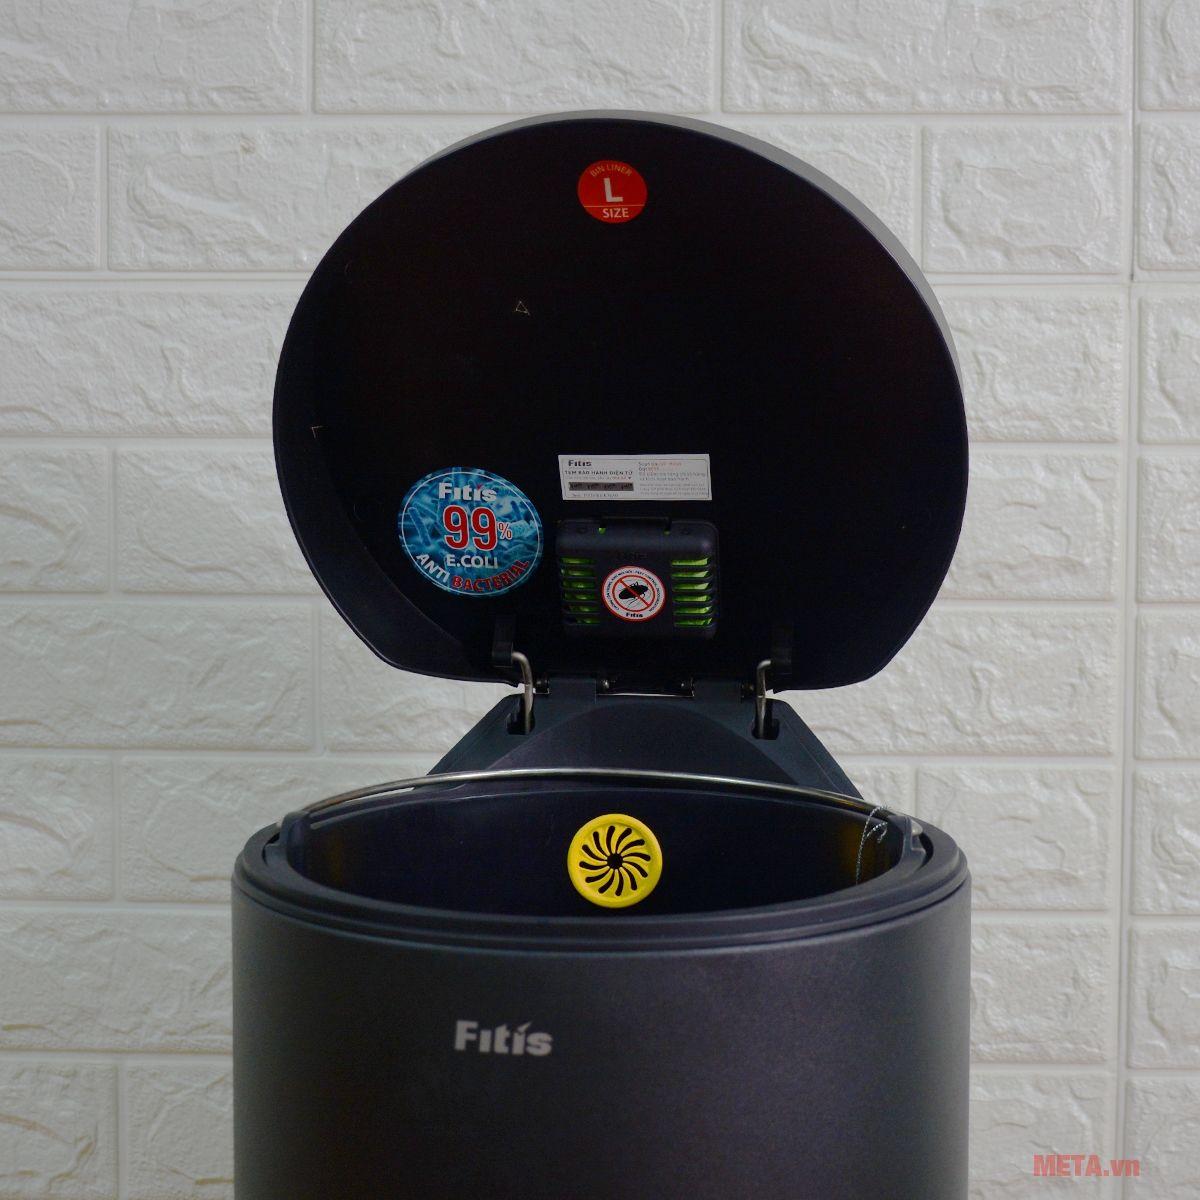 Nút cài túi rác của thùng rác đạp chân Fitis RPL1-903 thuận tiện cho người dùng khi thay túi rác